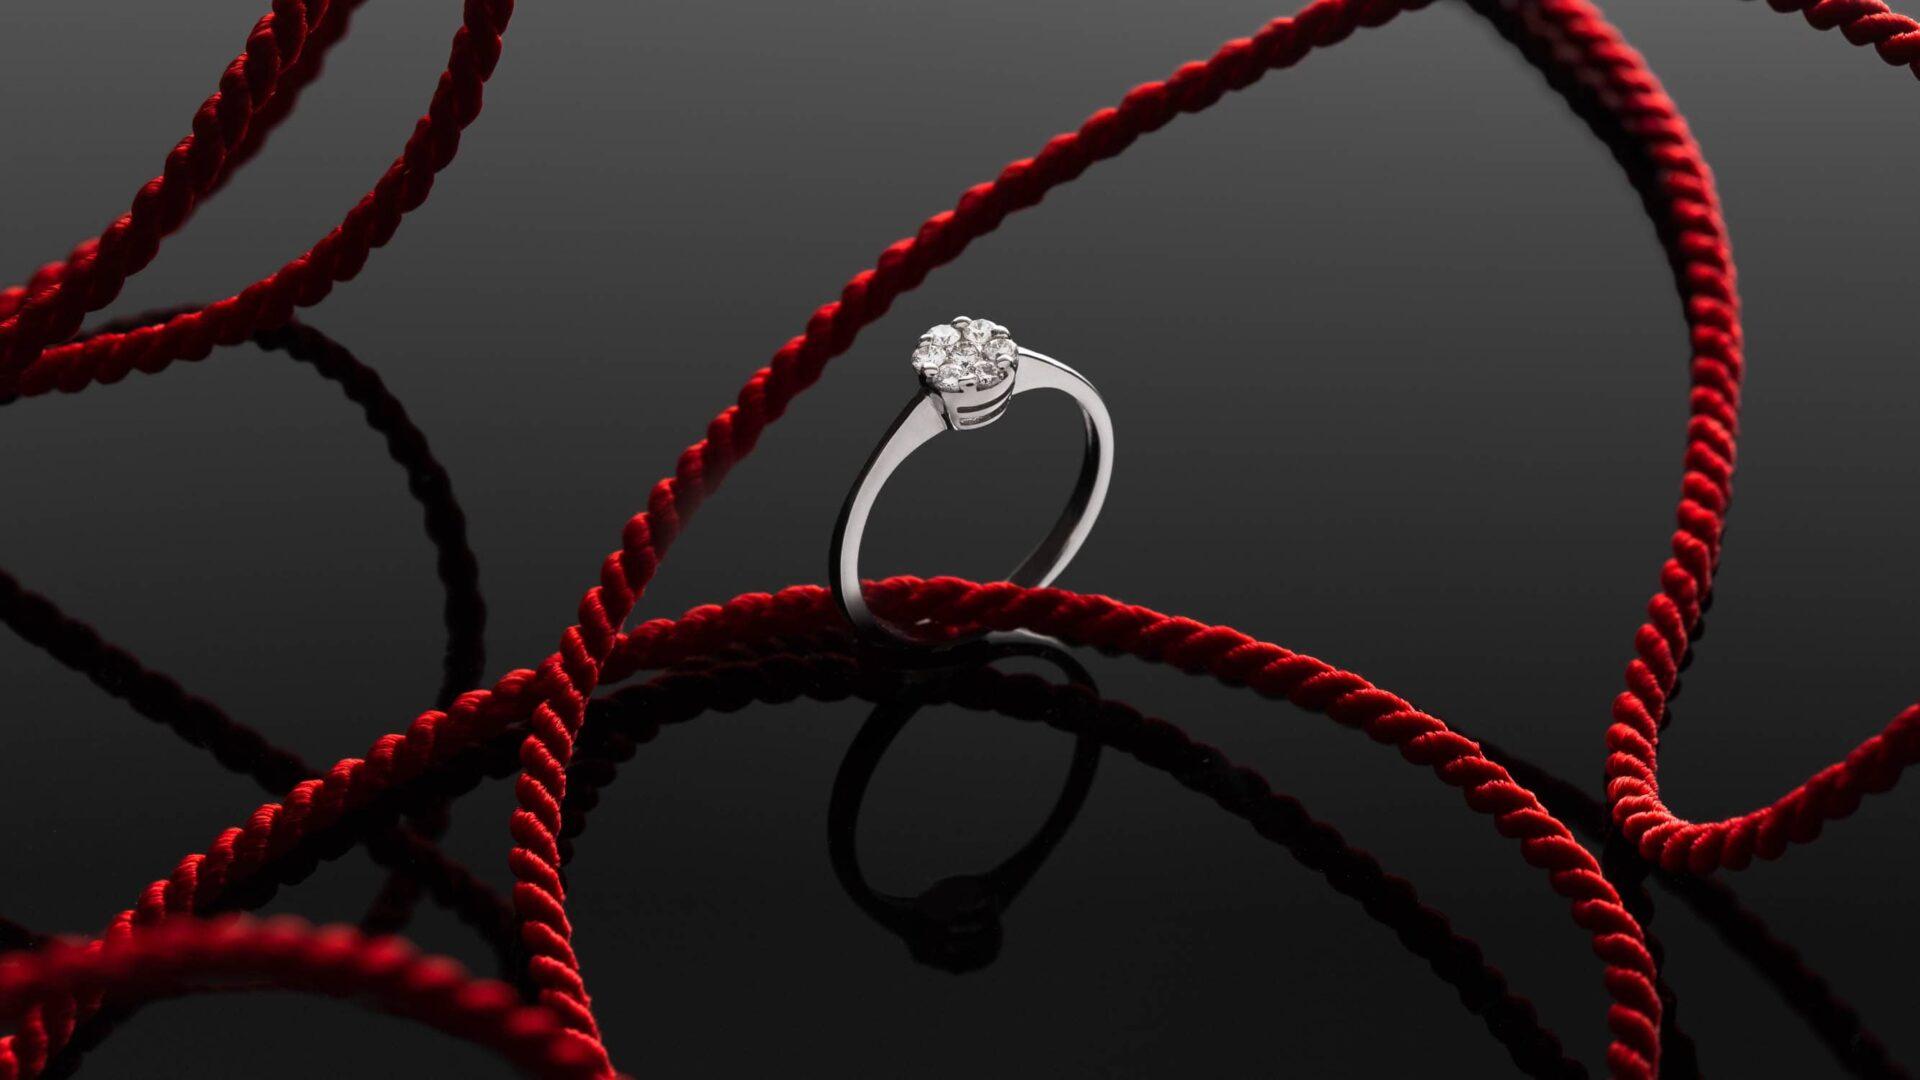 Diamond ring by Mikus Diamons